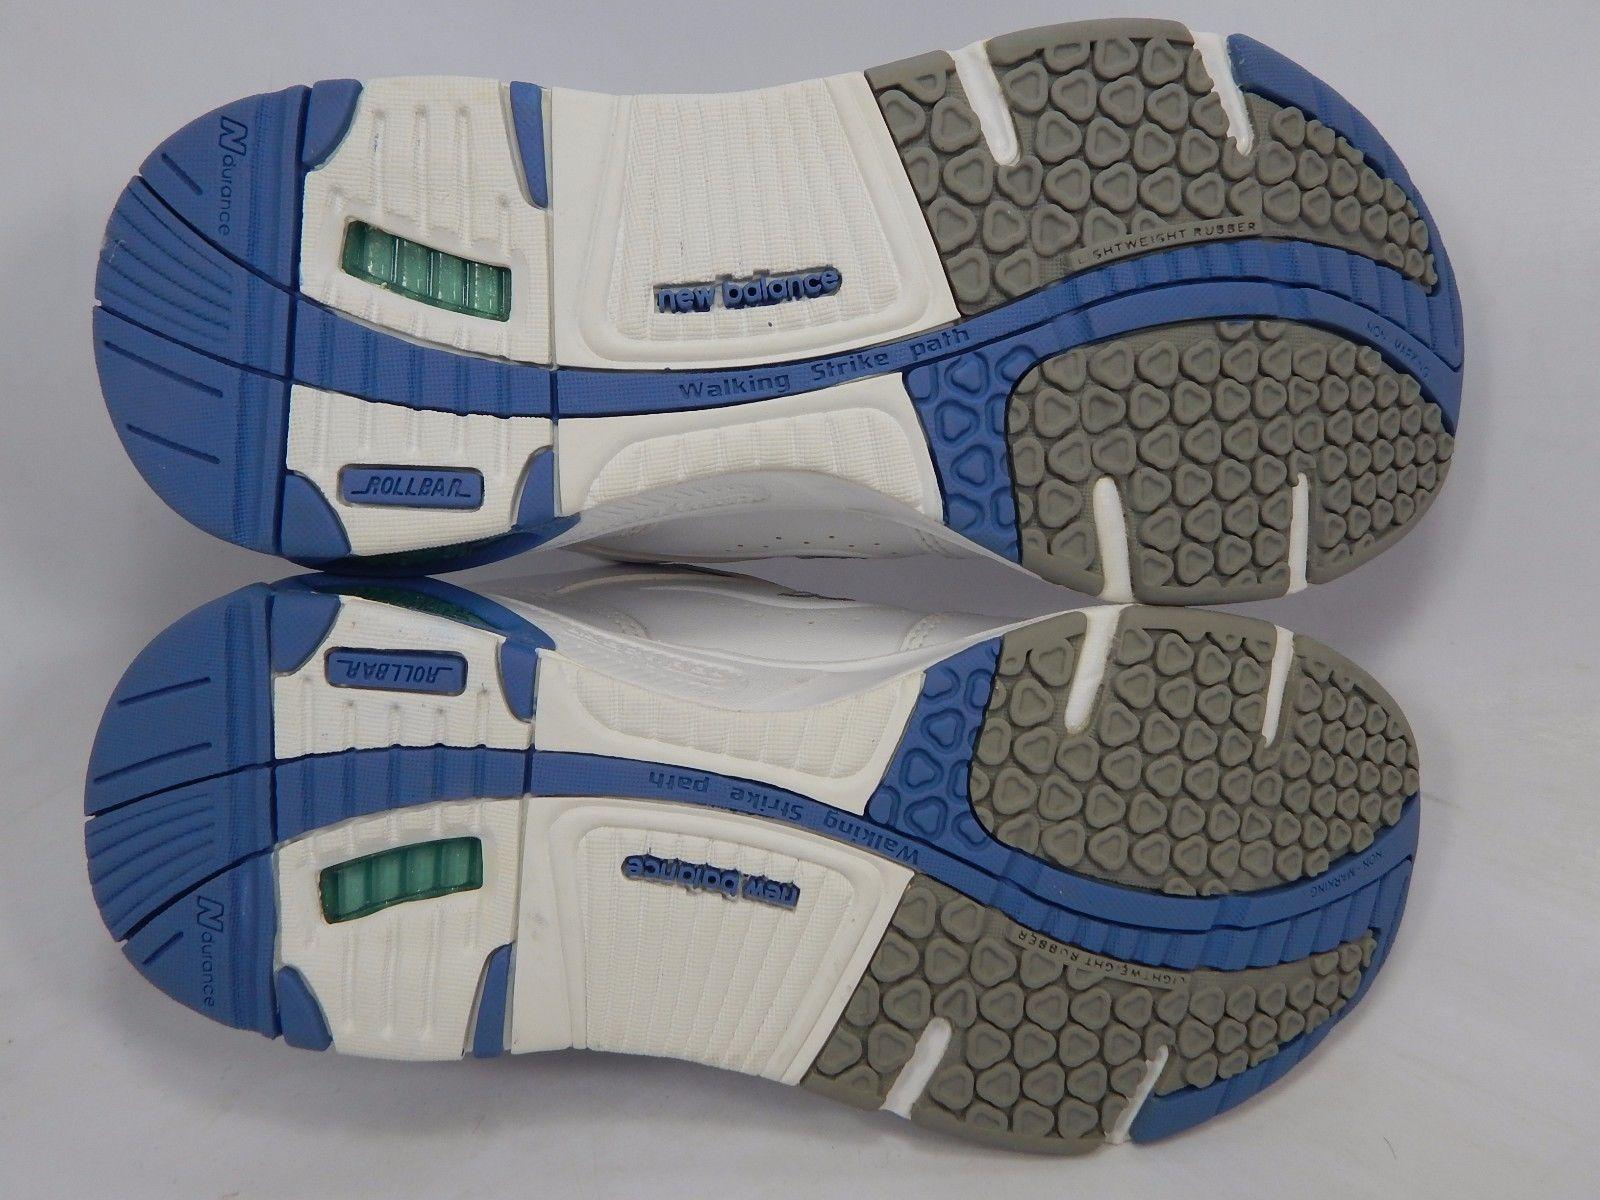 New Balance 811 Women's Walking Shoes Size US 5 M (B) EU 35 White WW811VW